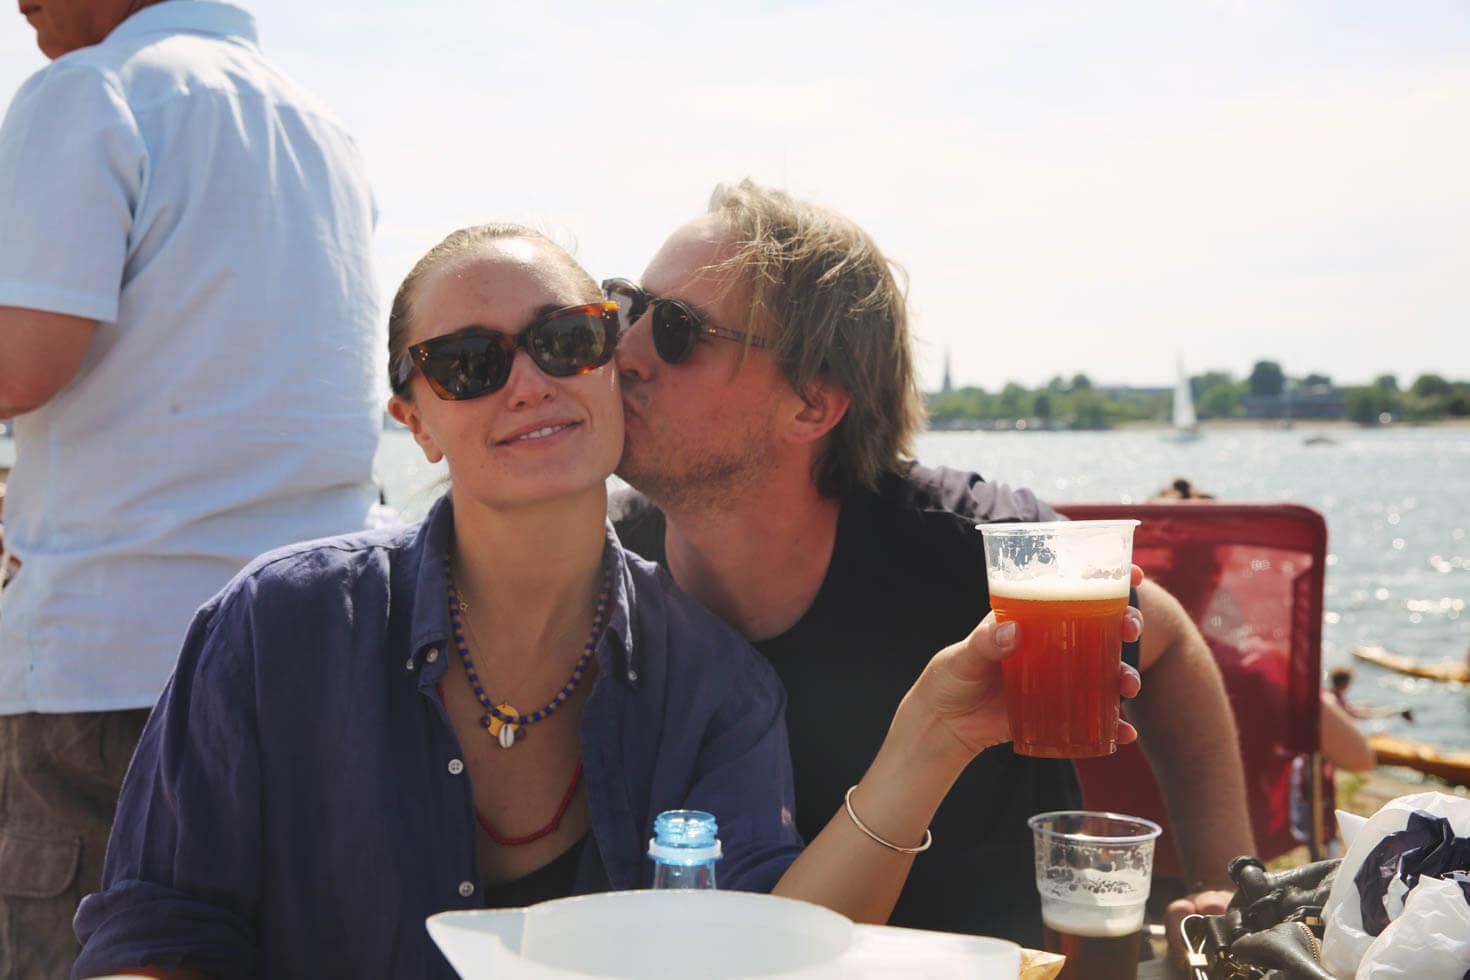 Kopenhamnsguide restauranger, hyra cykel, klubb-20